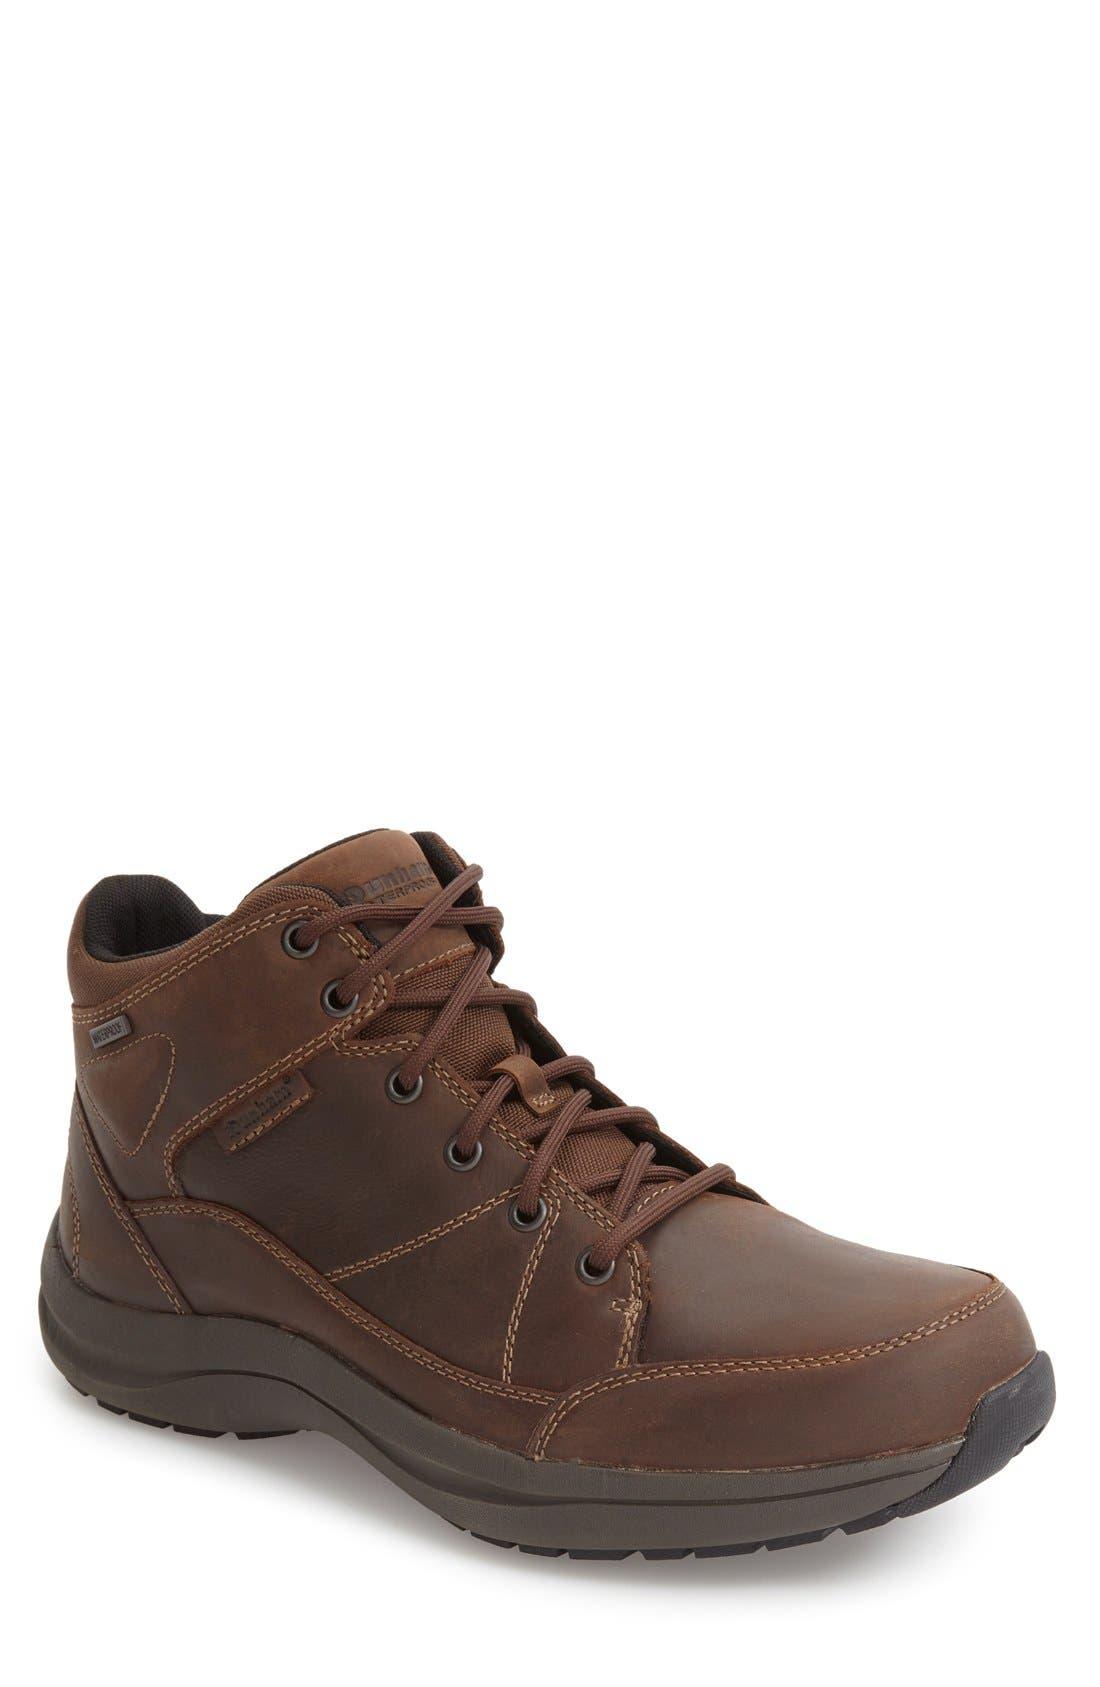 Dunham Simon-Dun Waterproof Boot, EEEEEE - Brown